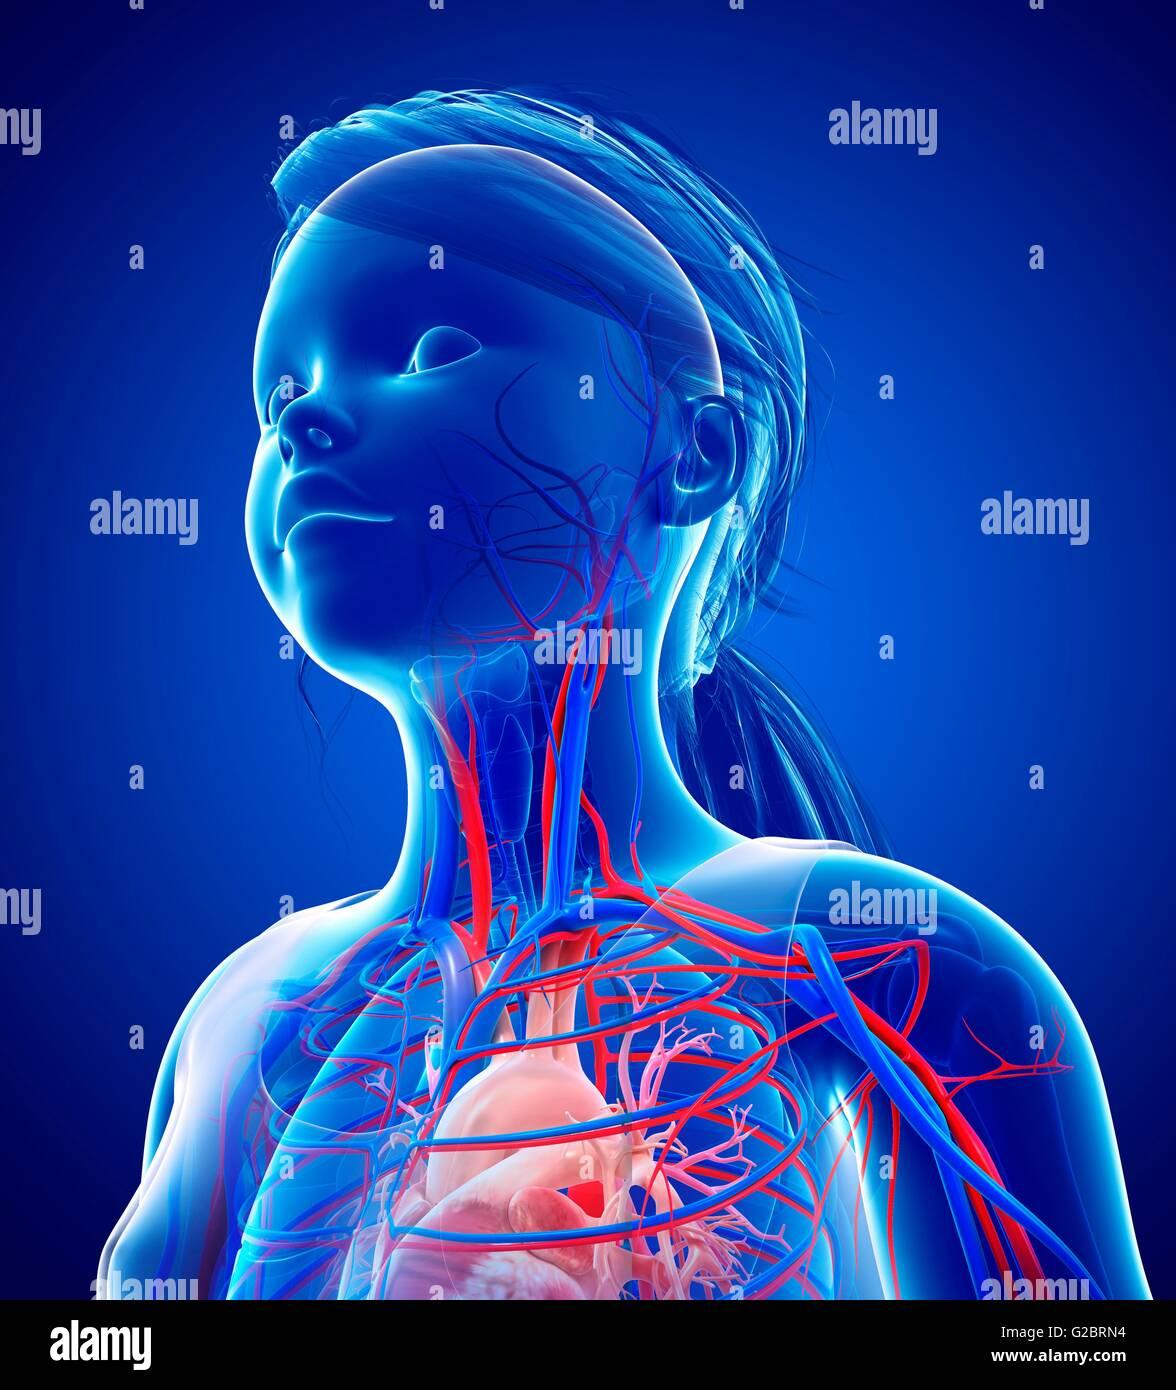 Human Neck Vascular System Stock Photos Human Neck Vascular System